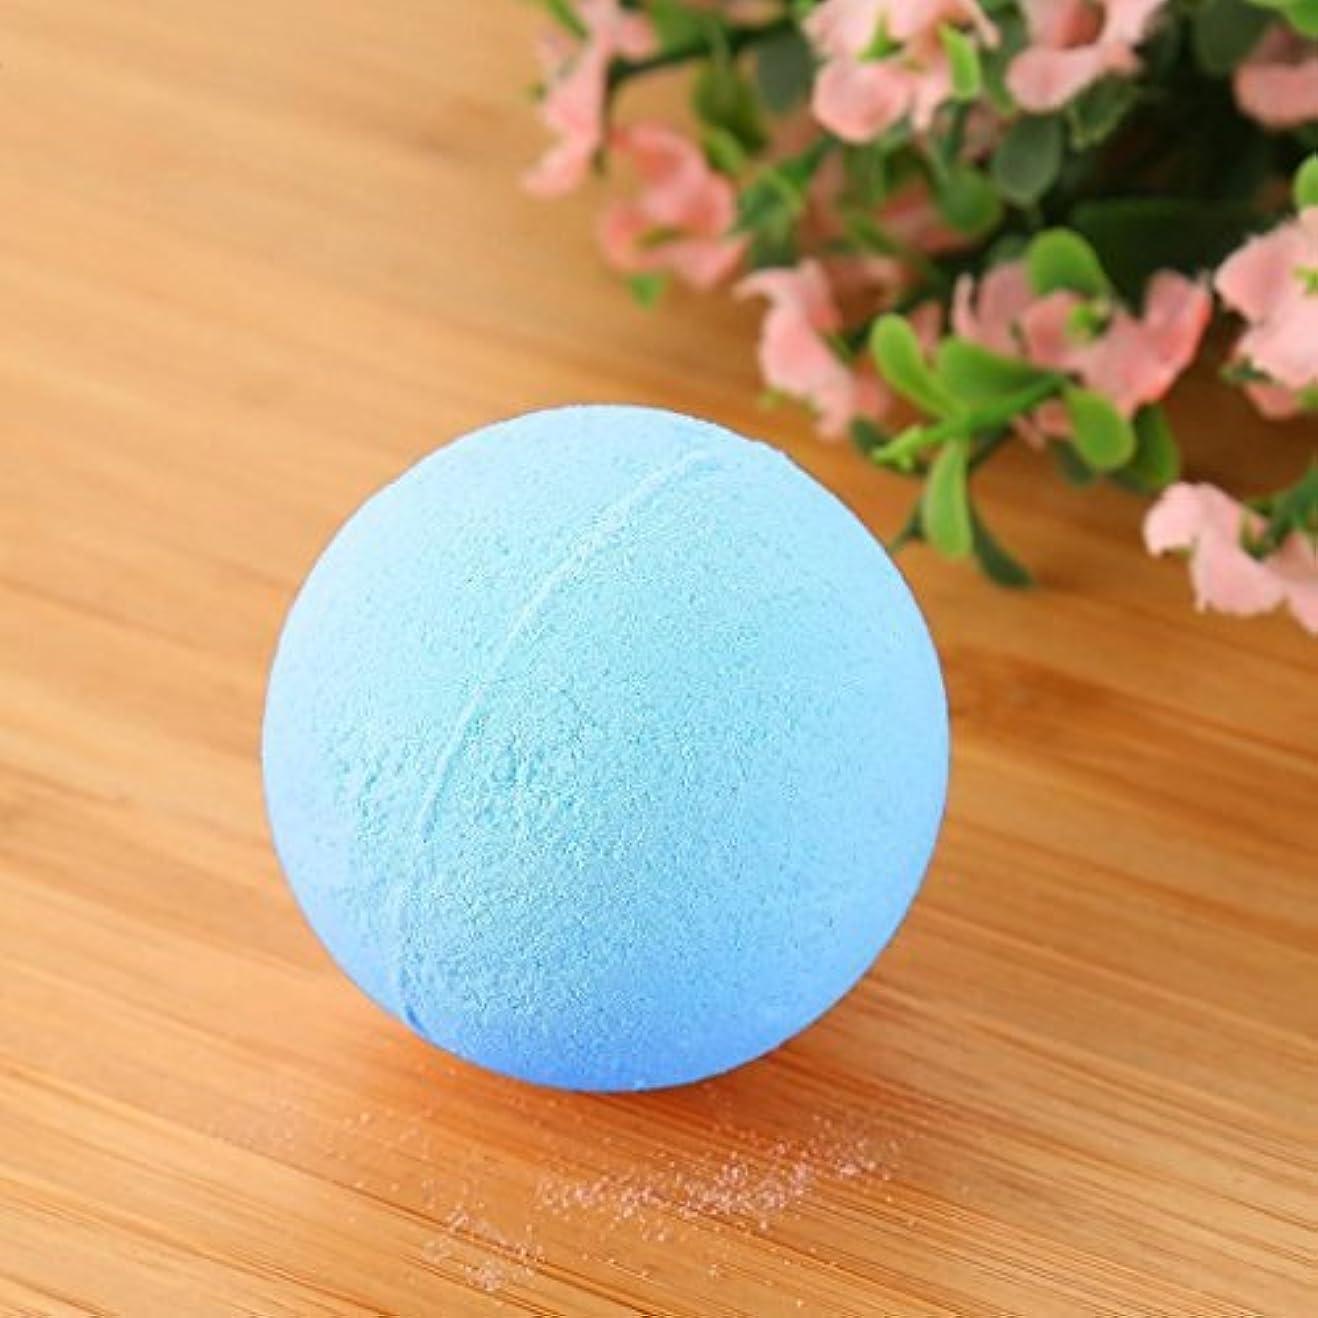 織機ある本物バブルボール塩塩浴リラックス女性のための贈り物